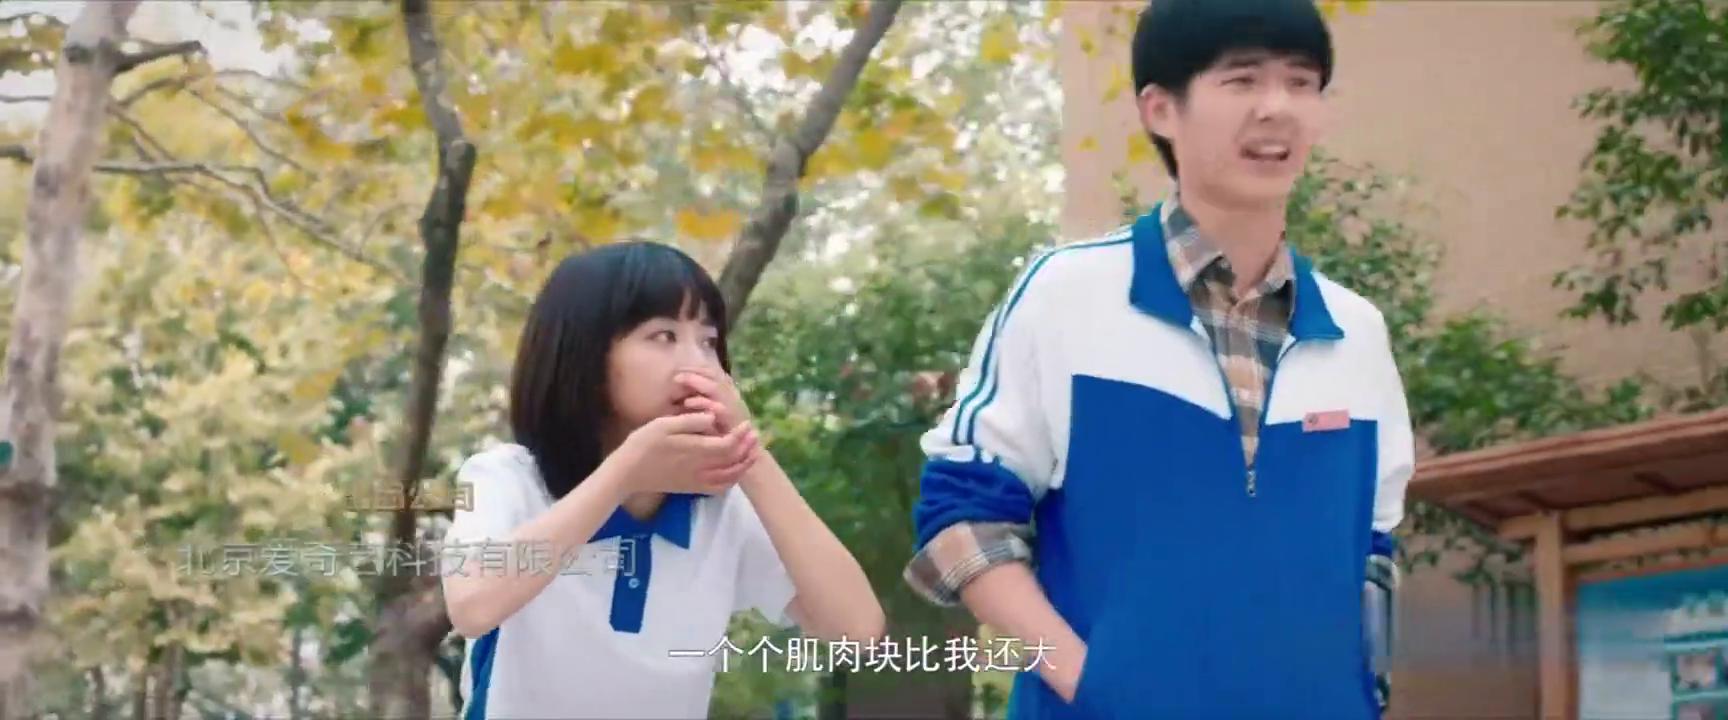 刘昊然说出这句话的时候,男友力爆棚,谭松韵这伤值了!